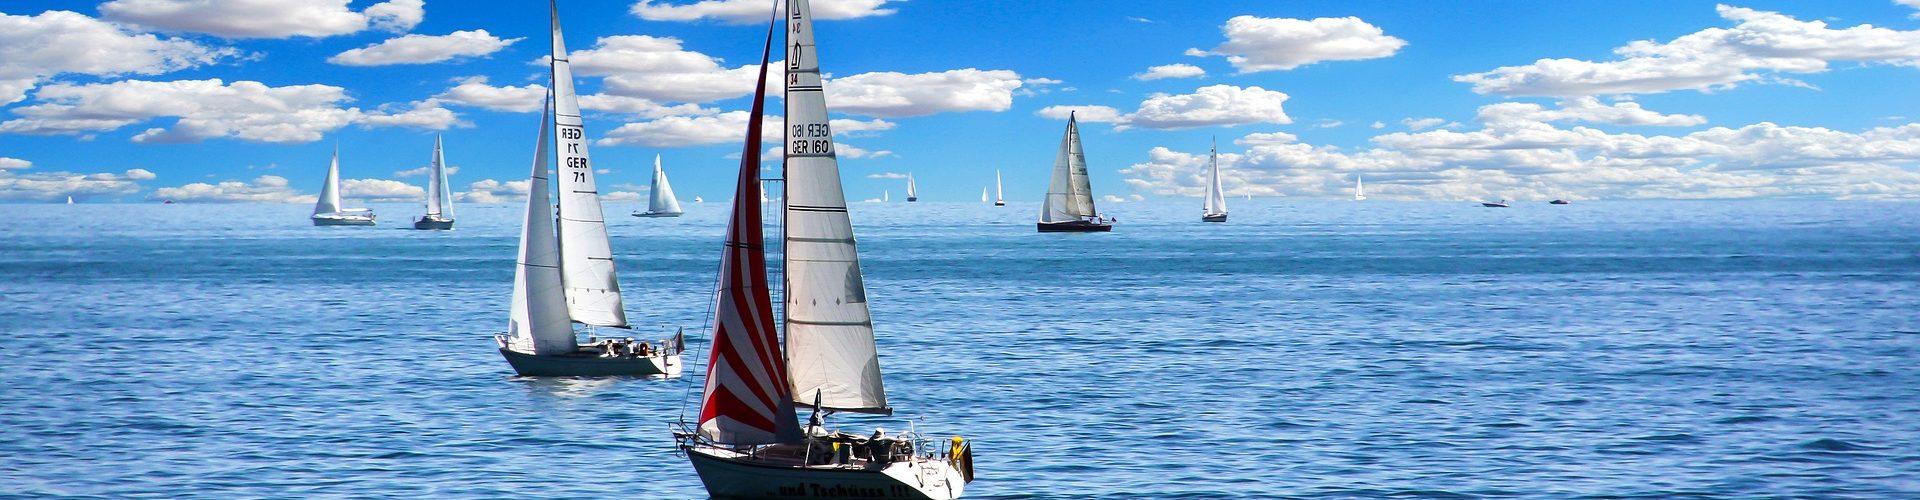 segeln lernen in Lassan segelschein machen in Lassan 1920x500 - Segeln lernen in Lassan